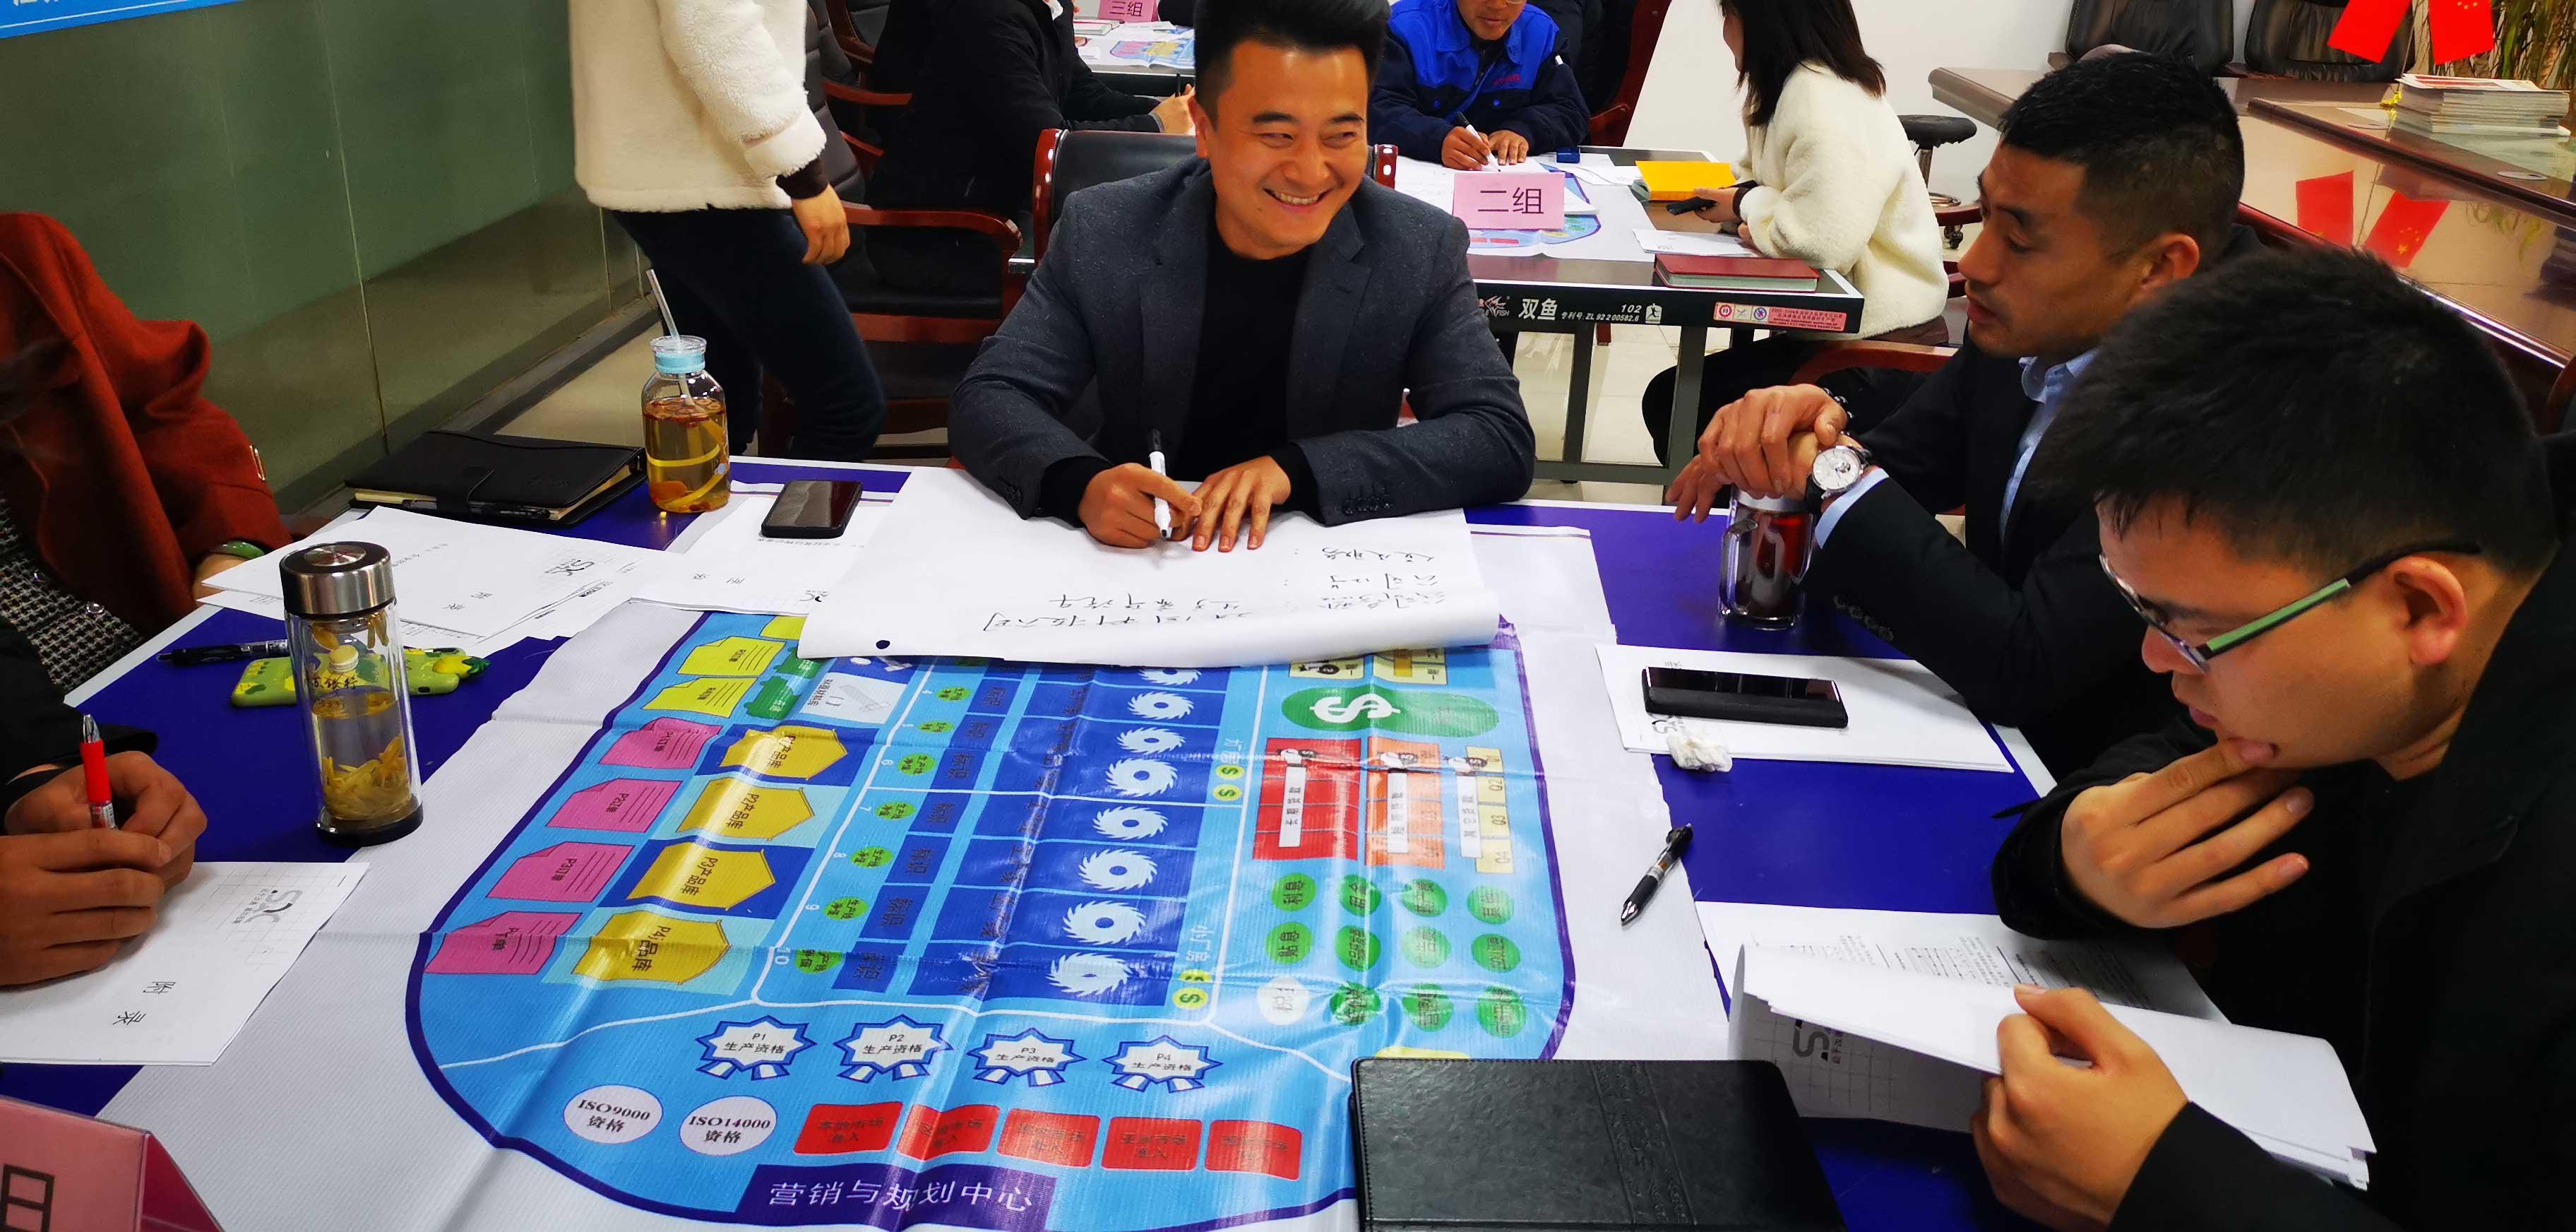 江苏艾华美陈中高层团队《企业运营沙盘》复盘演练(图3)